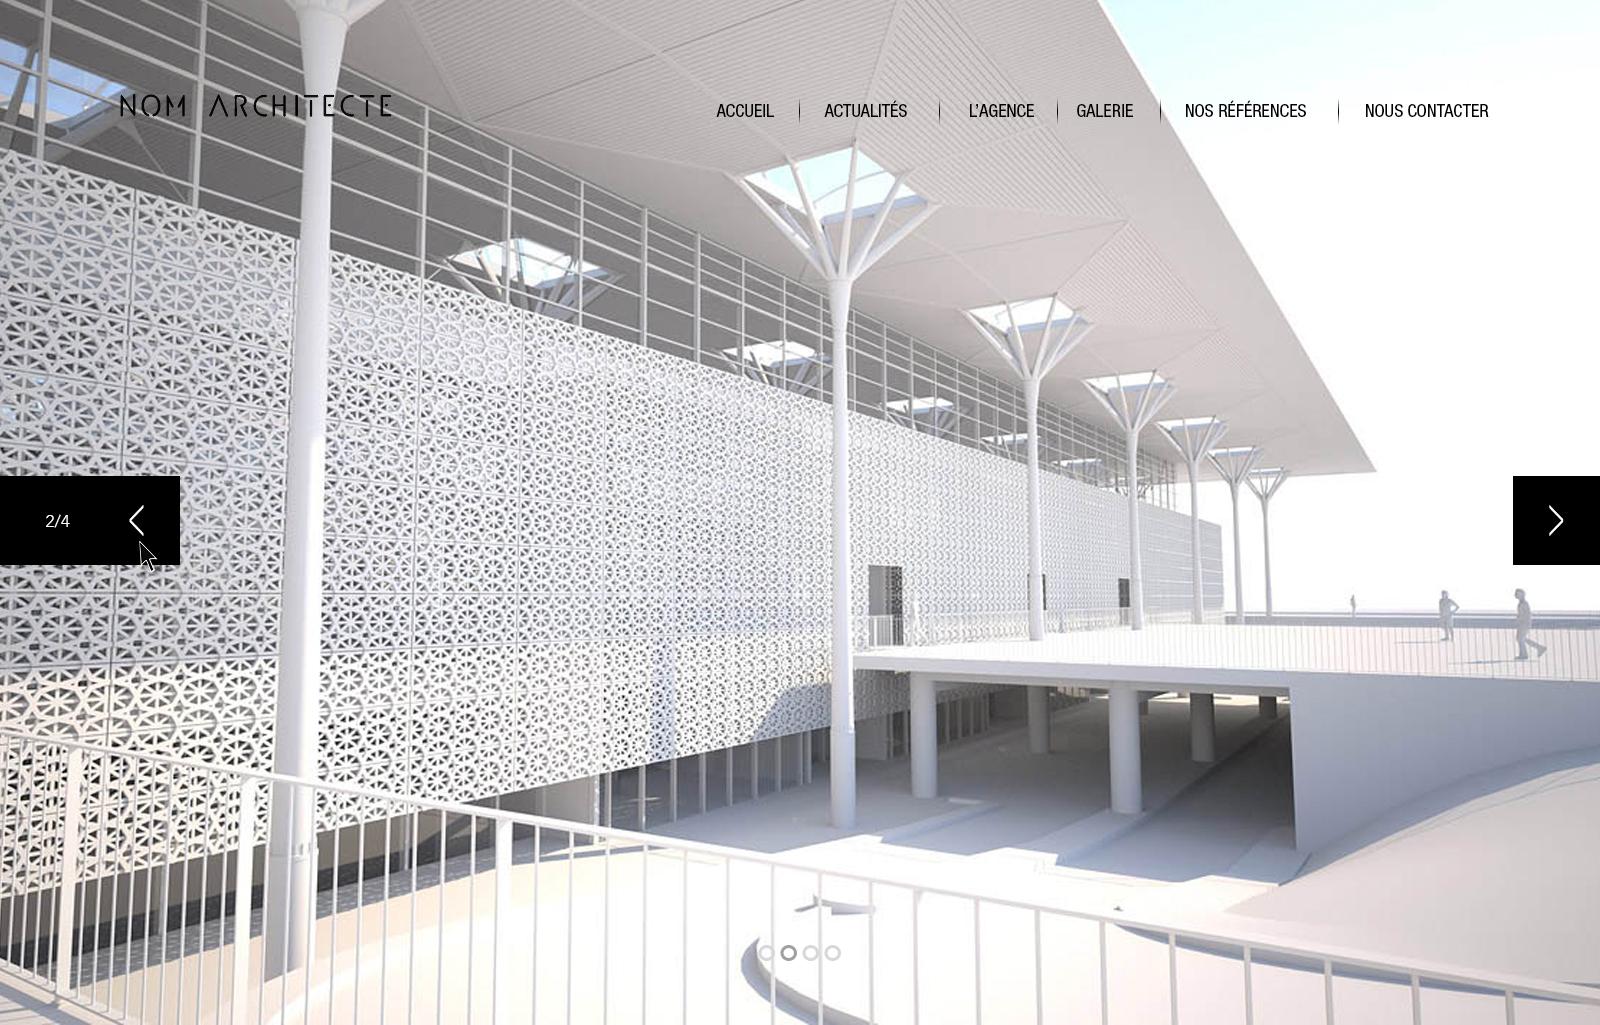 site architecte accueil